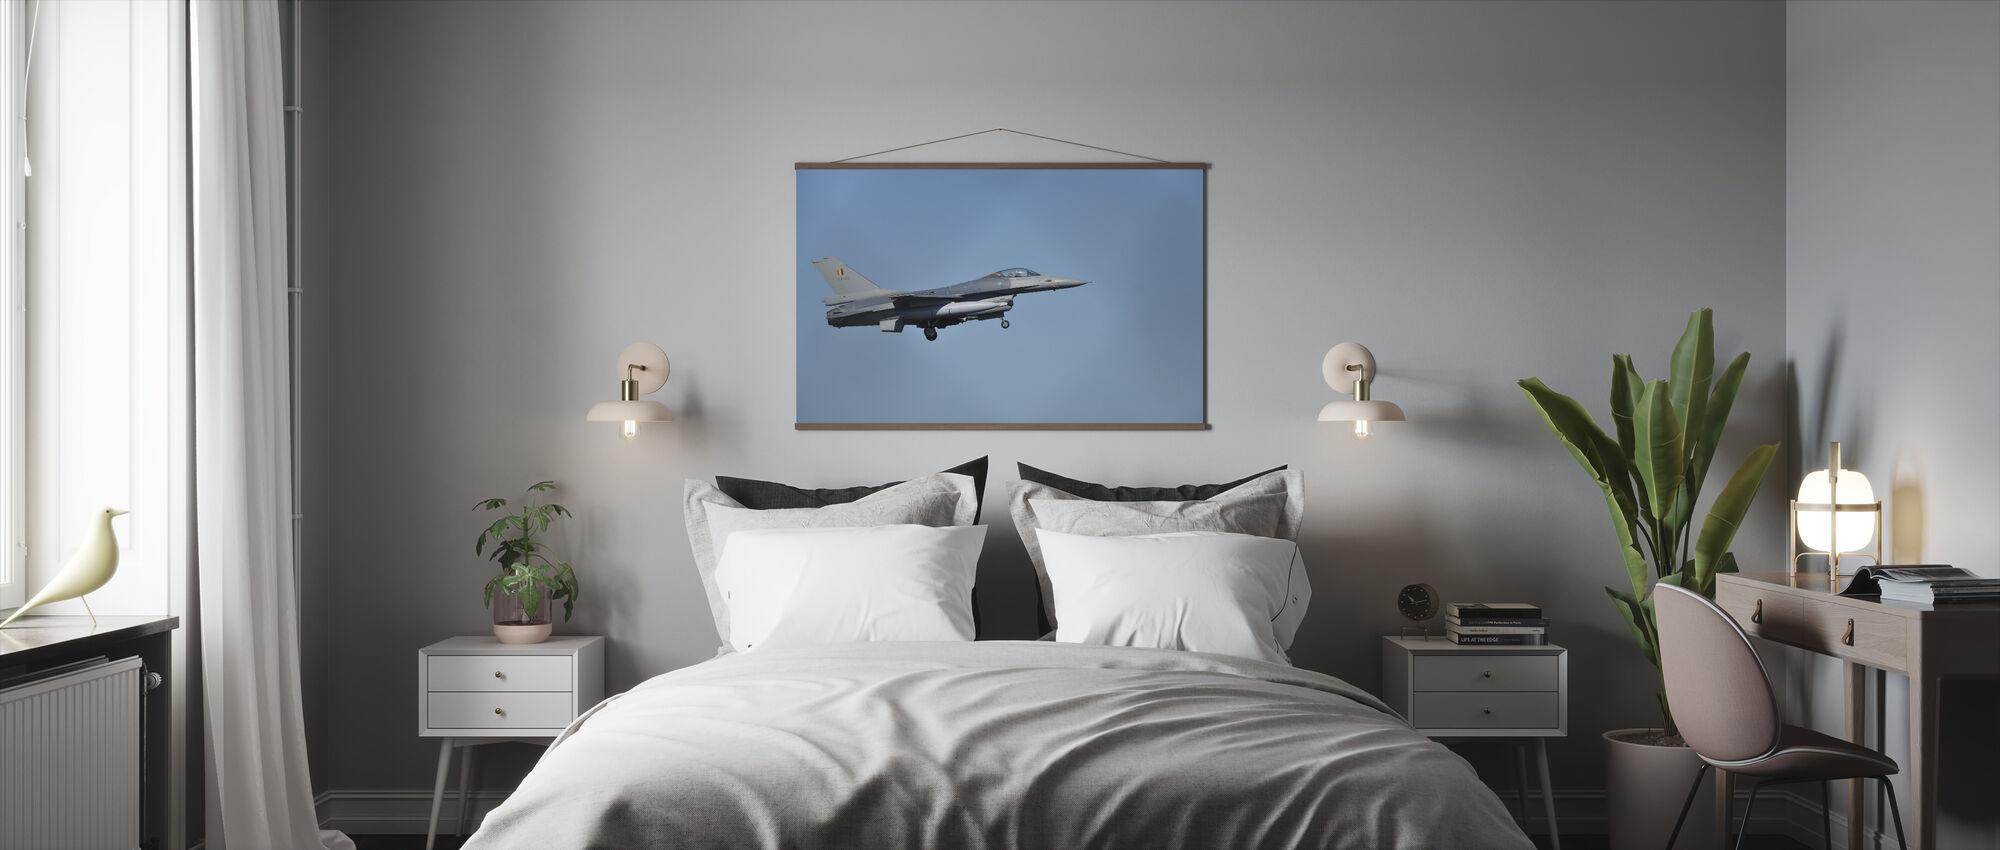 F16 Fighter Jet - Poster - Bedroom